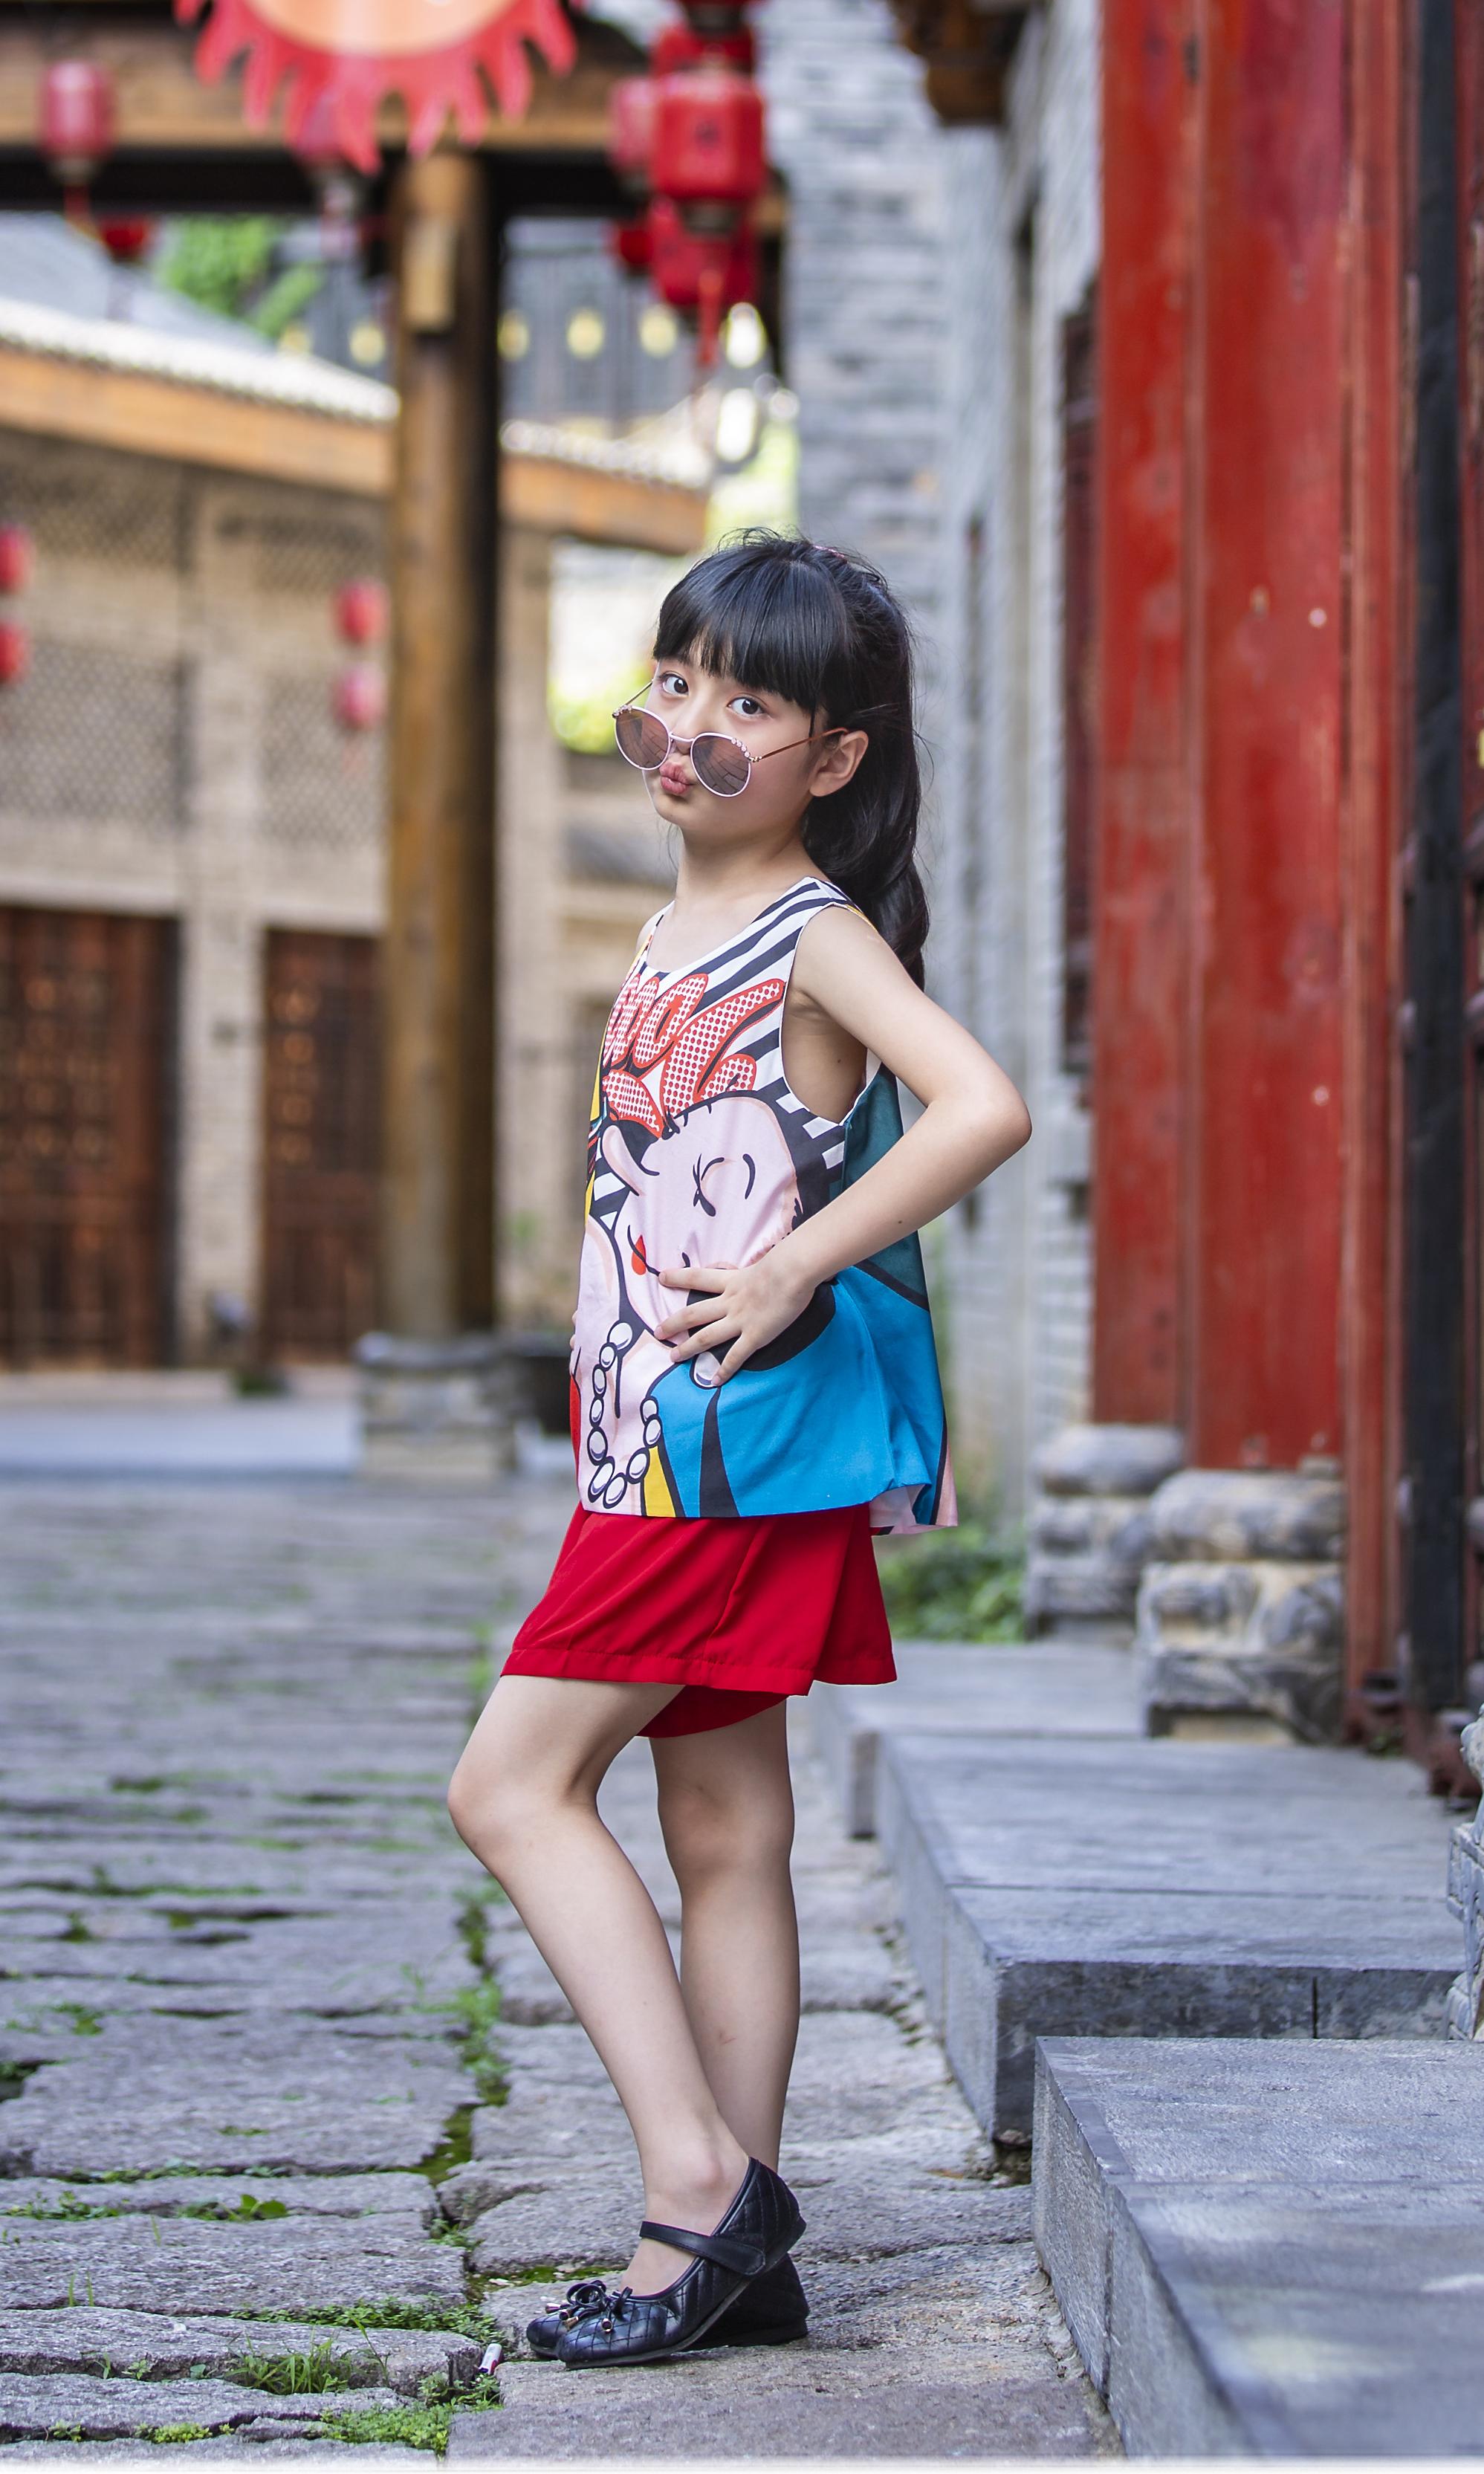 七色风2019cmtc国际少儿模特&表演大赛精彩赛程还在继续,期待你的加入